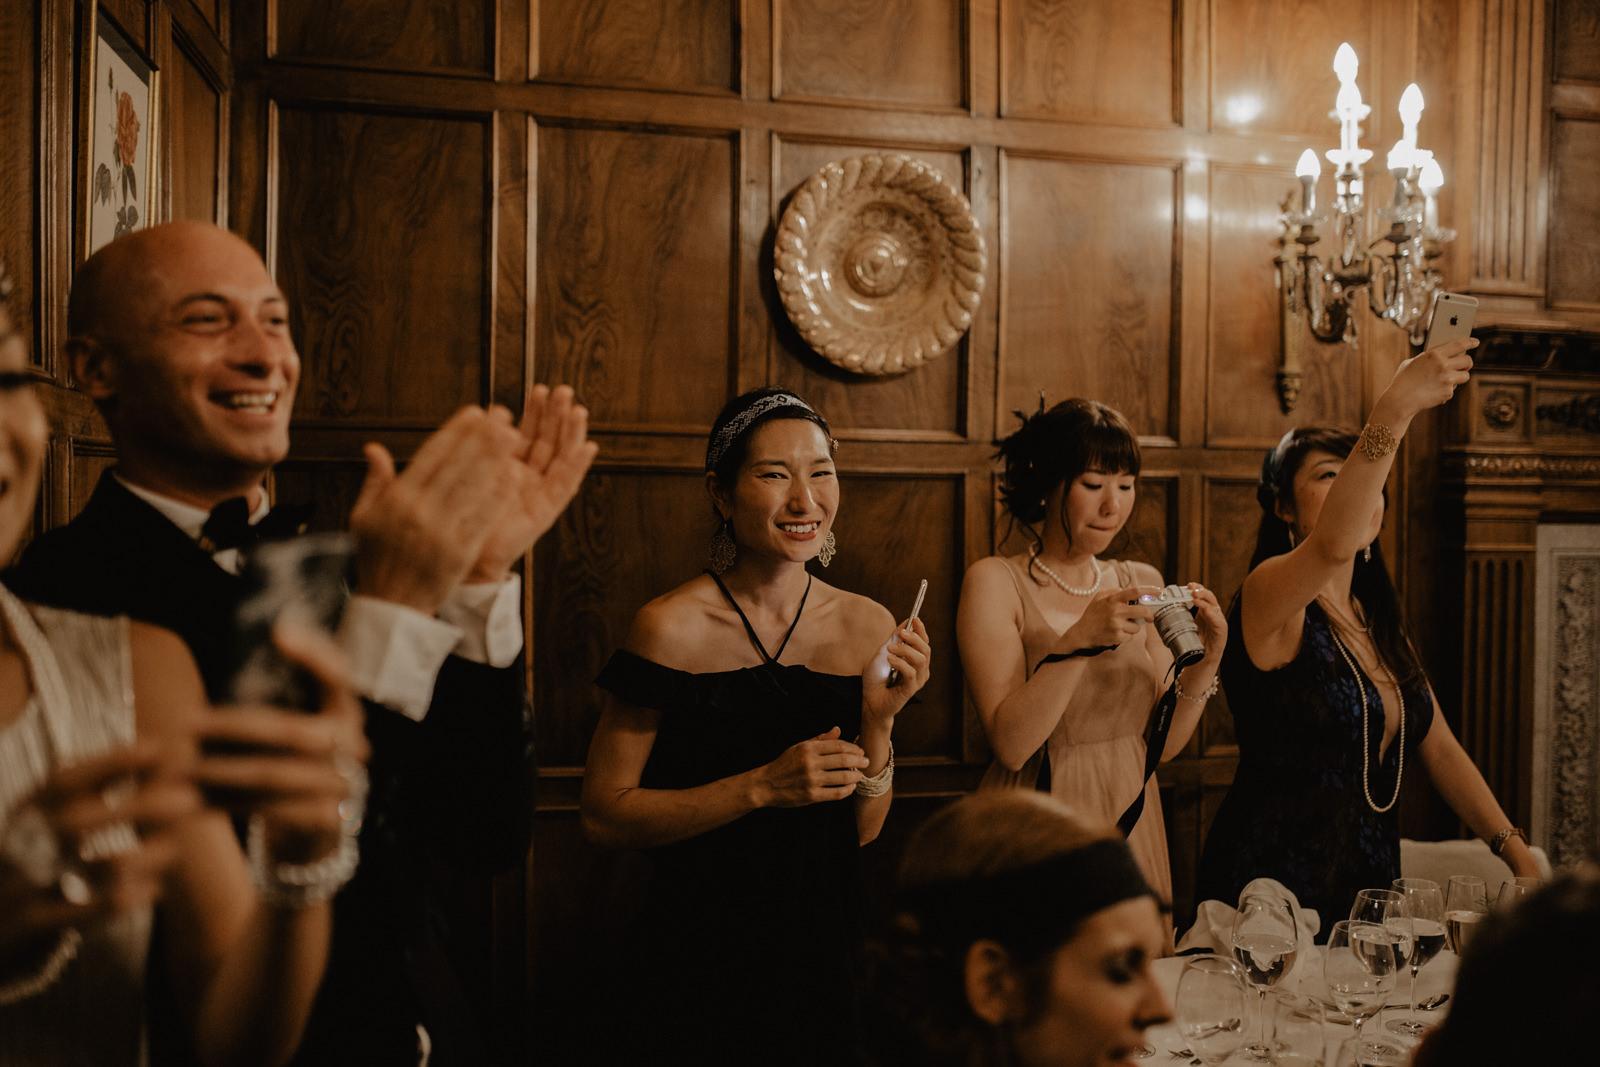 thenortherngirlphotography_photography_thenortherngirl_rebeccascabros_wedding_weddingphotography_weddingphotographer_barcelona_bodaenlabaronia_labaronia_japanesewedding_destinationwedding_shokoalbert-835.jpg